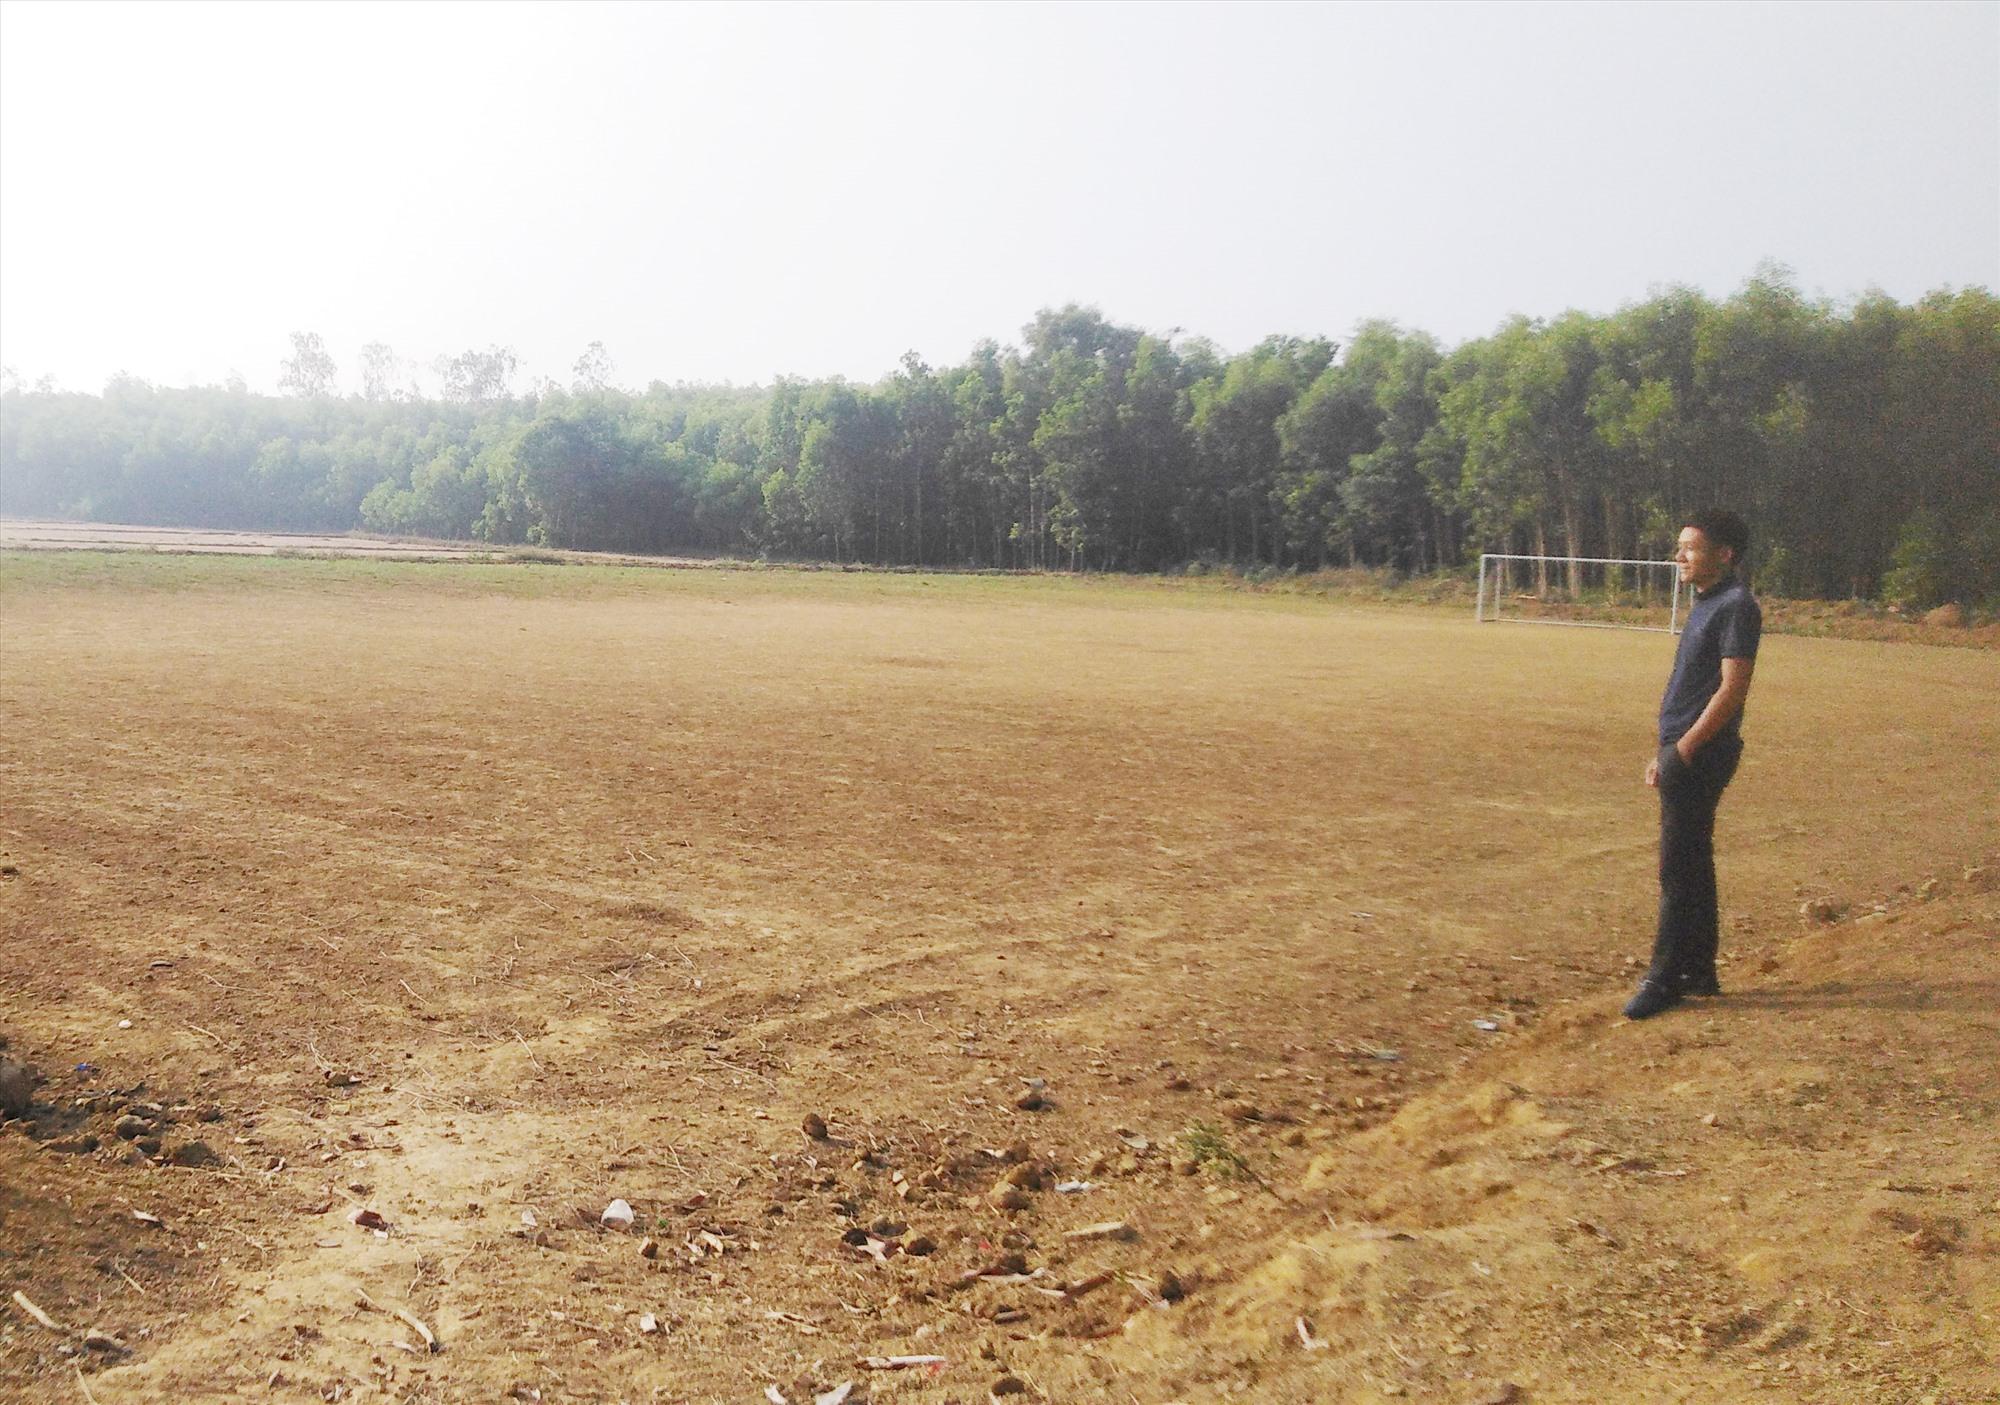 Sân bóng đá tại thôn Long Hội (xã Bình Chánh) được hoàn thành từ sự đóng góp của người dân. Ảnh: T.T